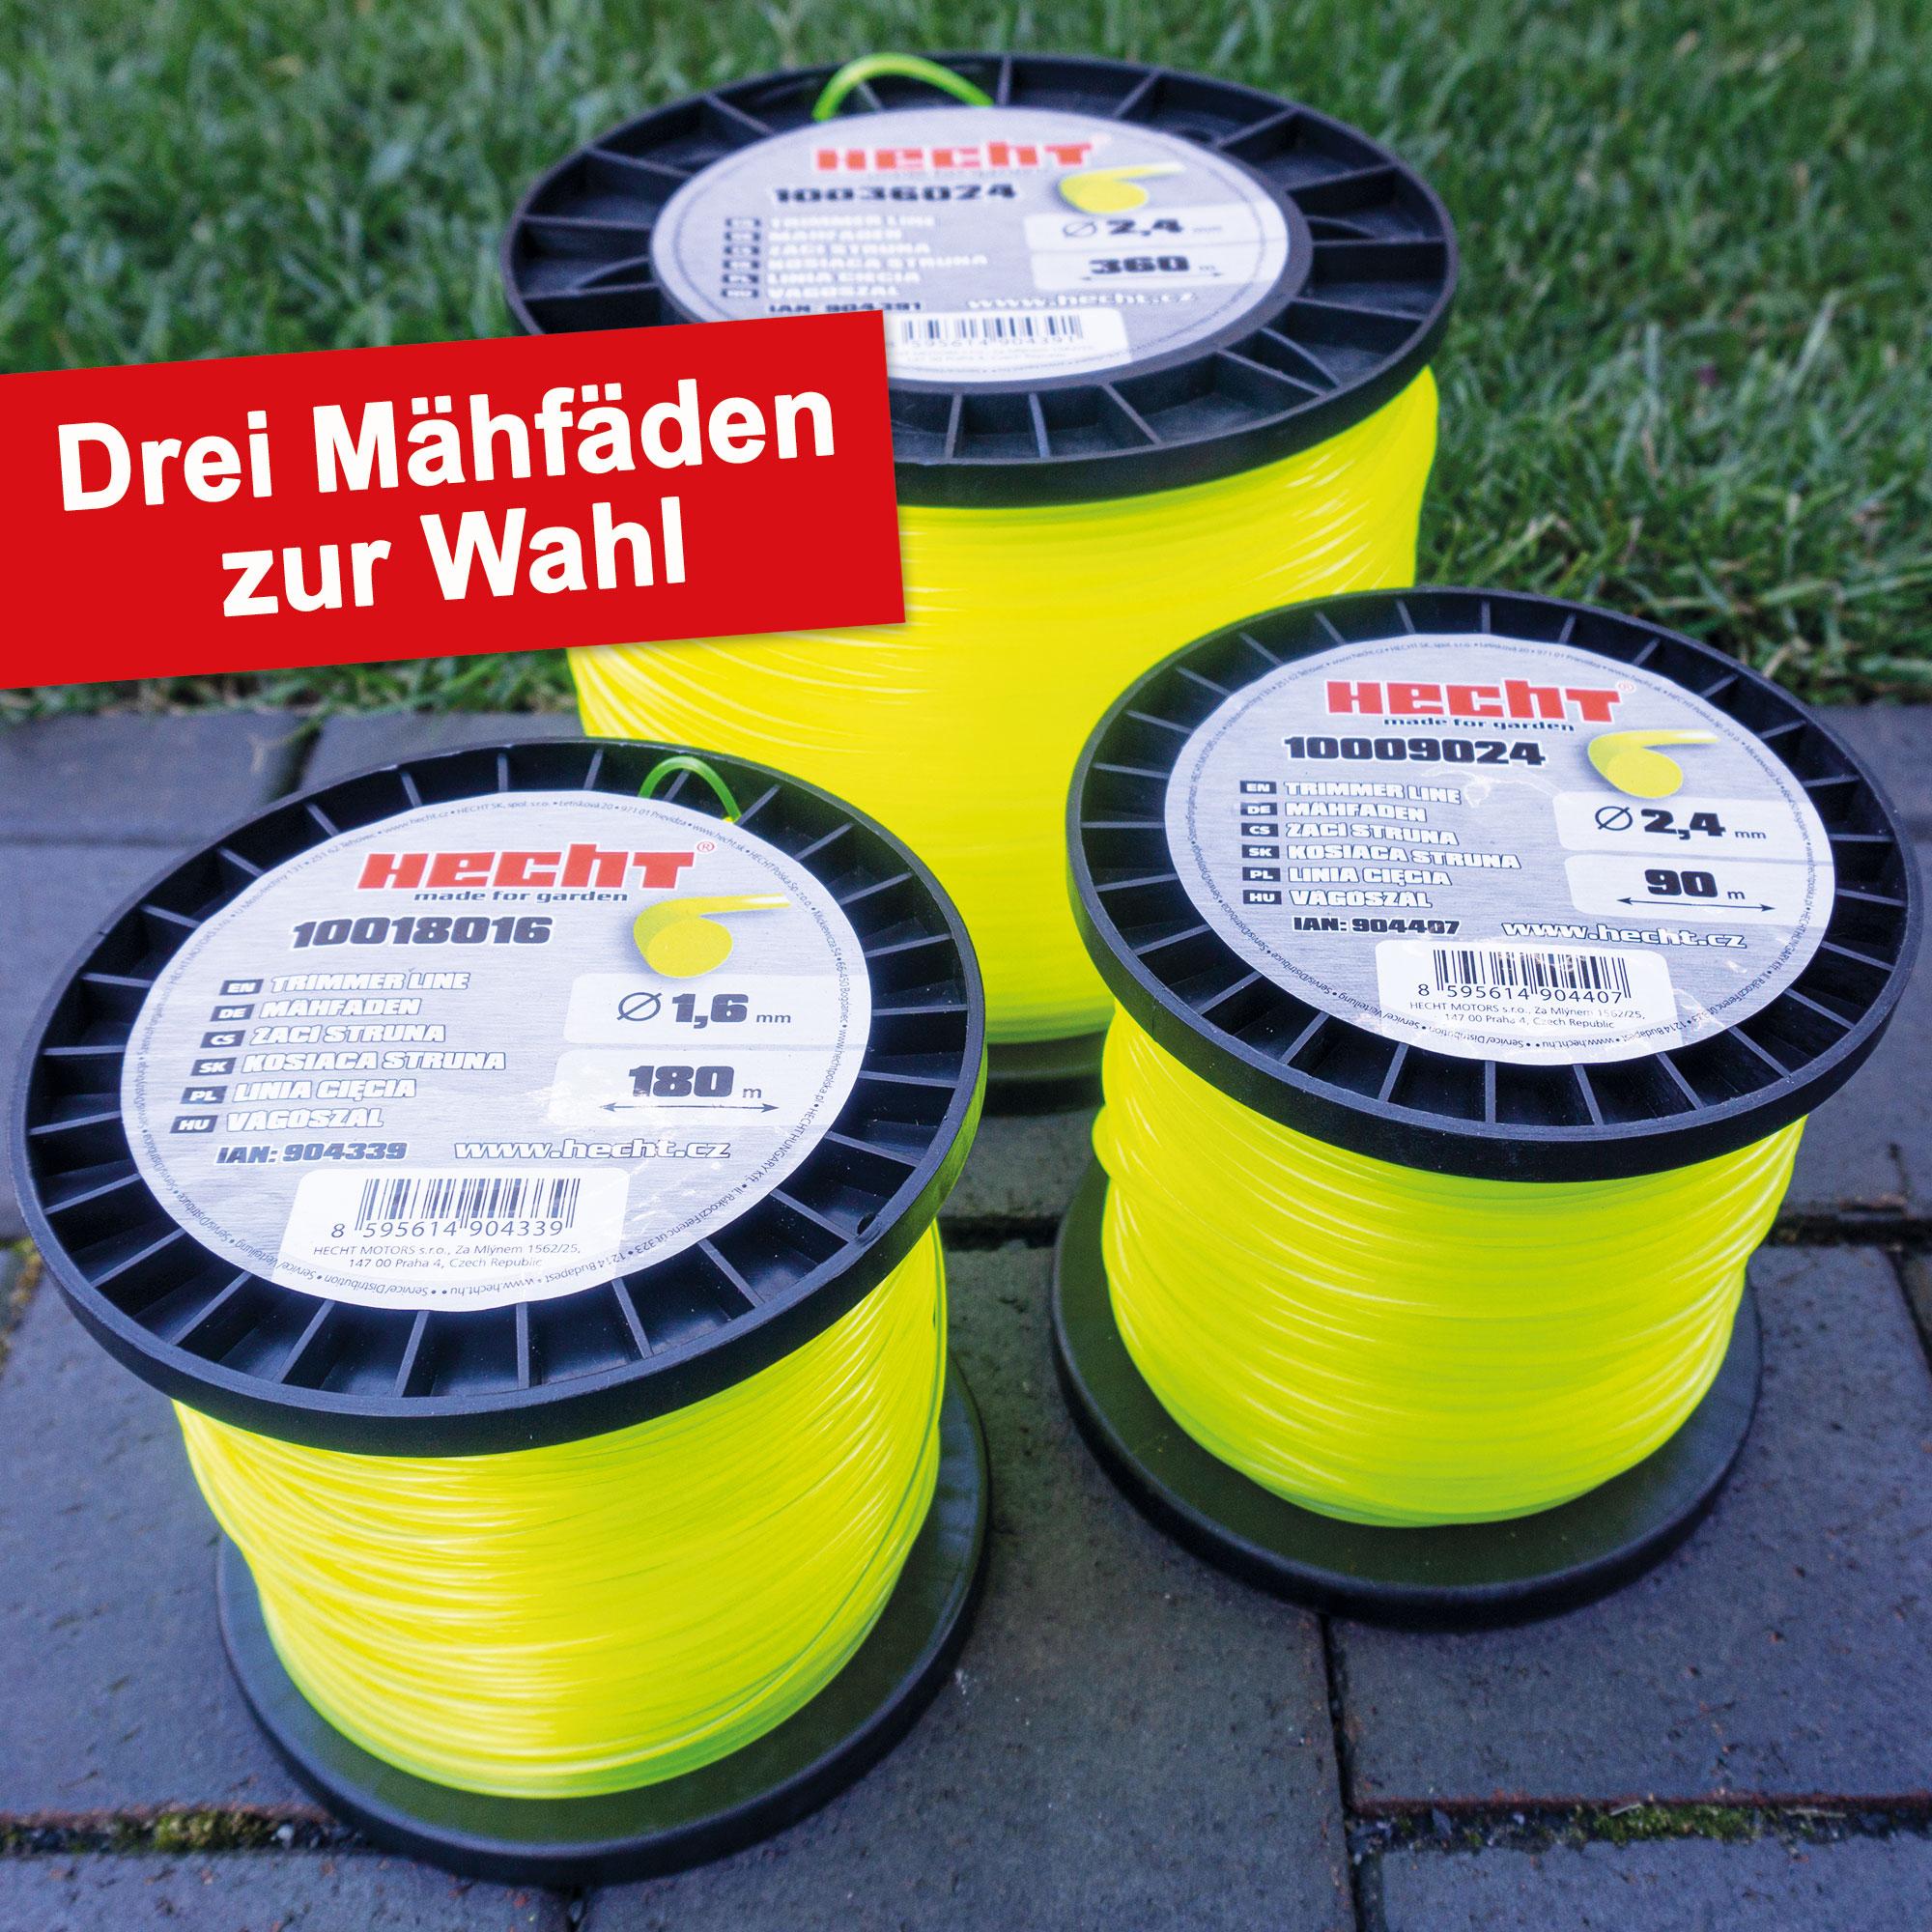 1,6//2,4//3,0mm Nylonfaden Mähfaden Trimmerfaden für Motorsense Freischneider